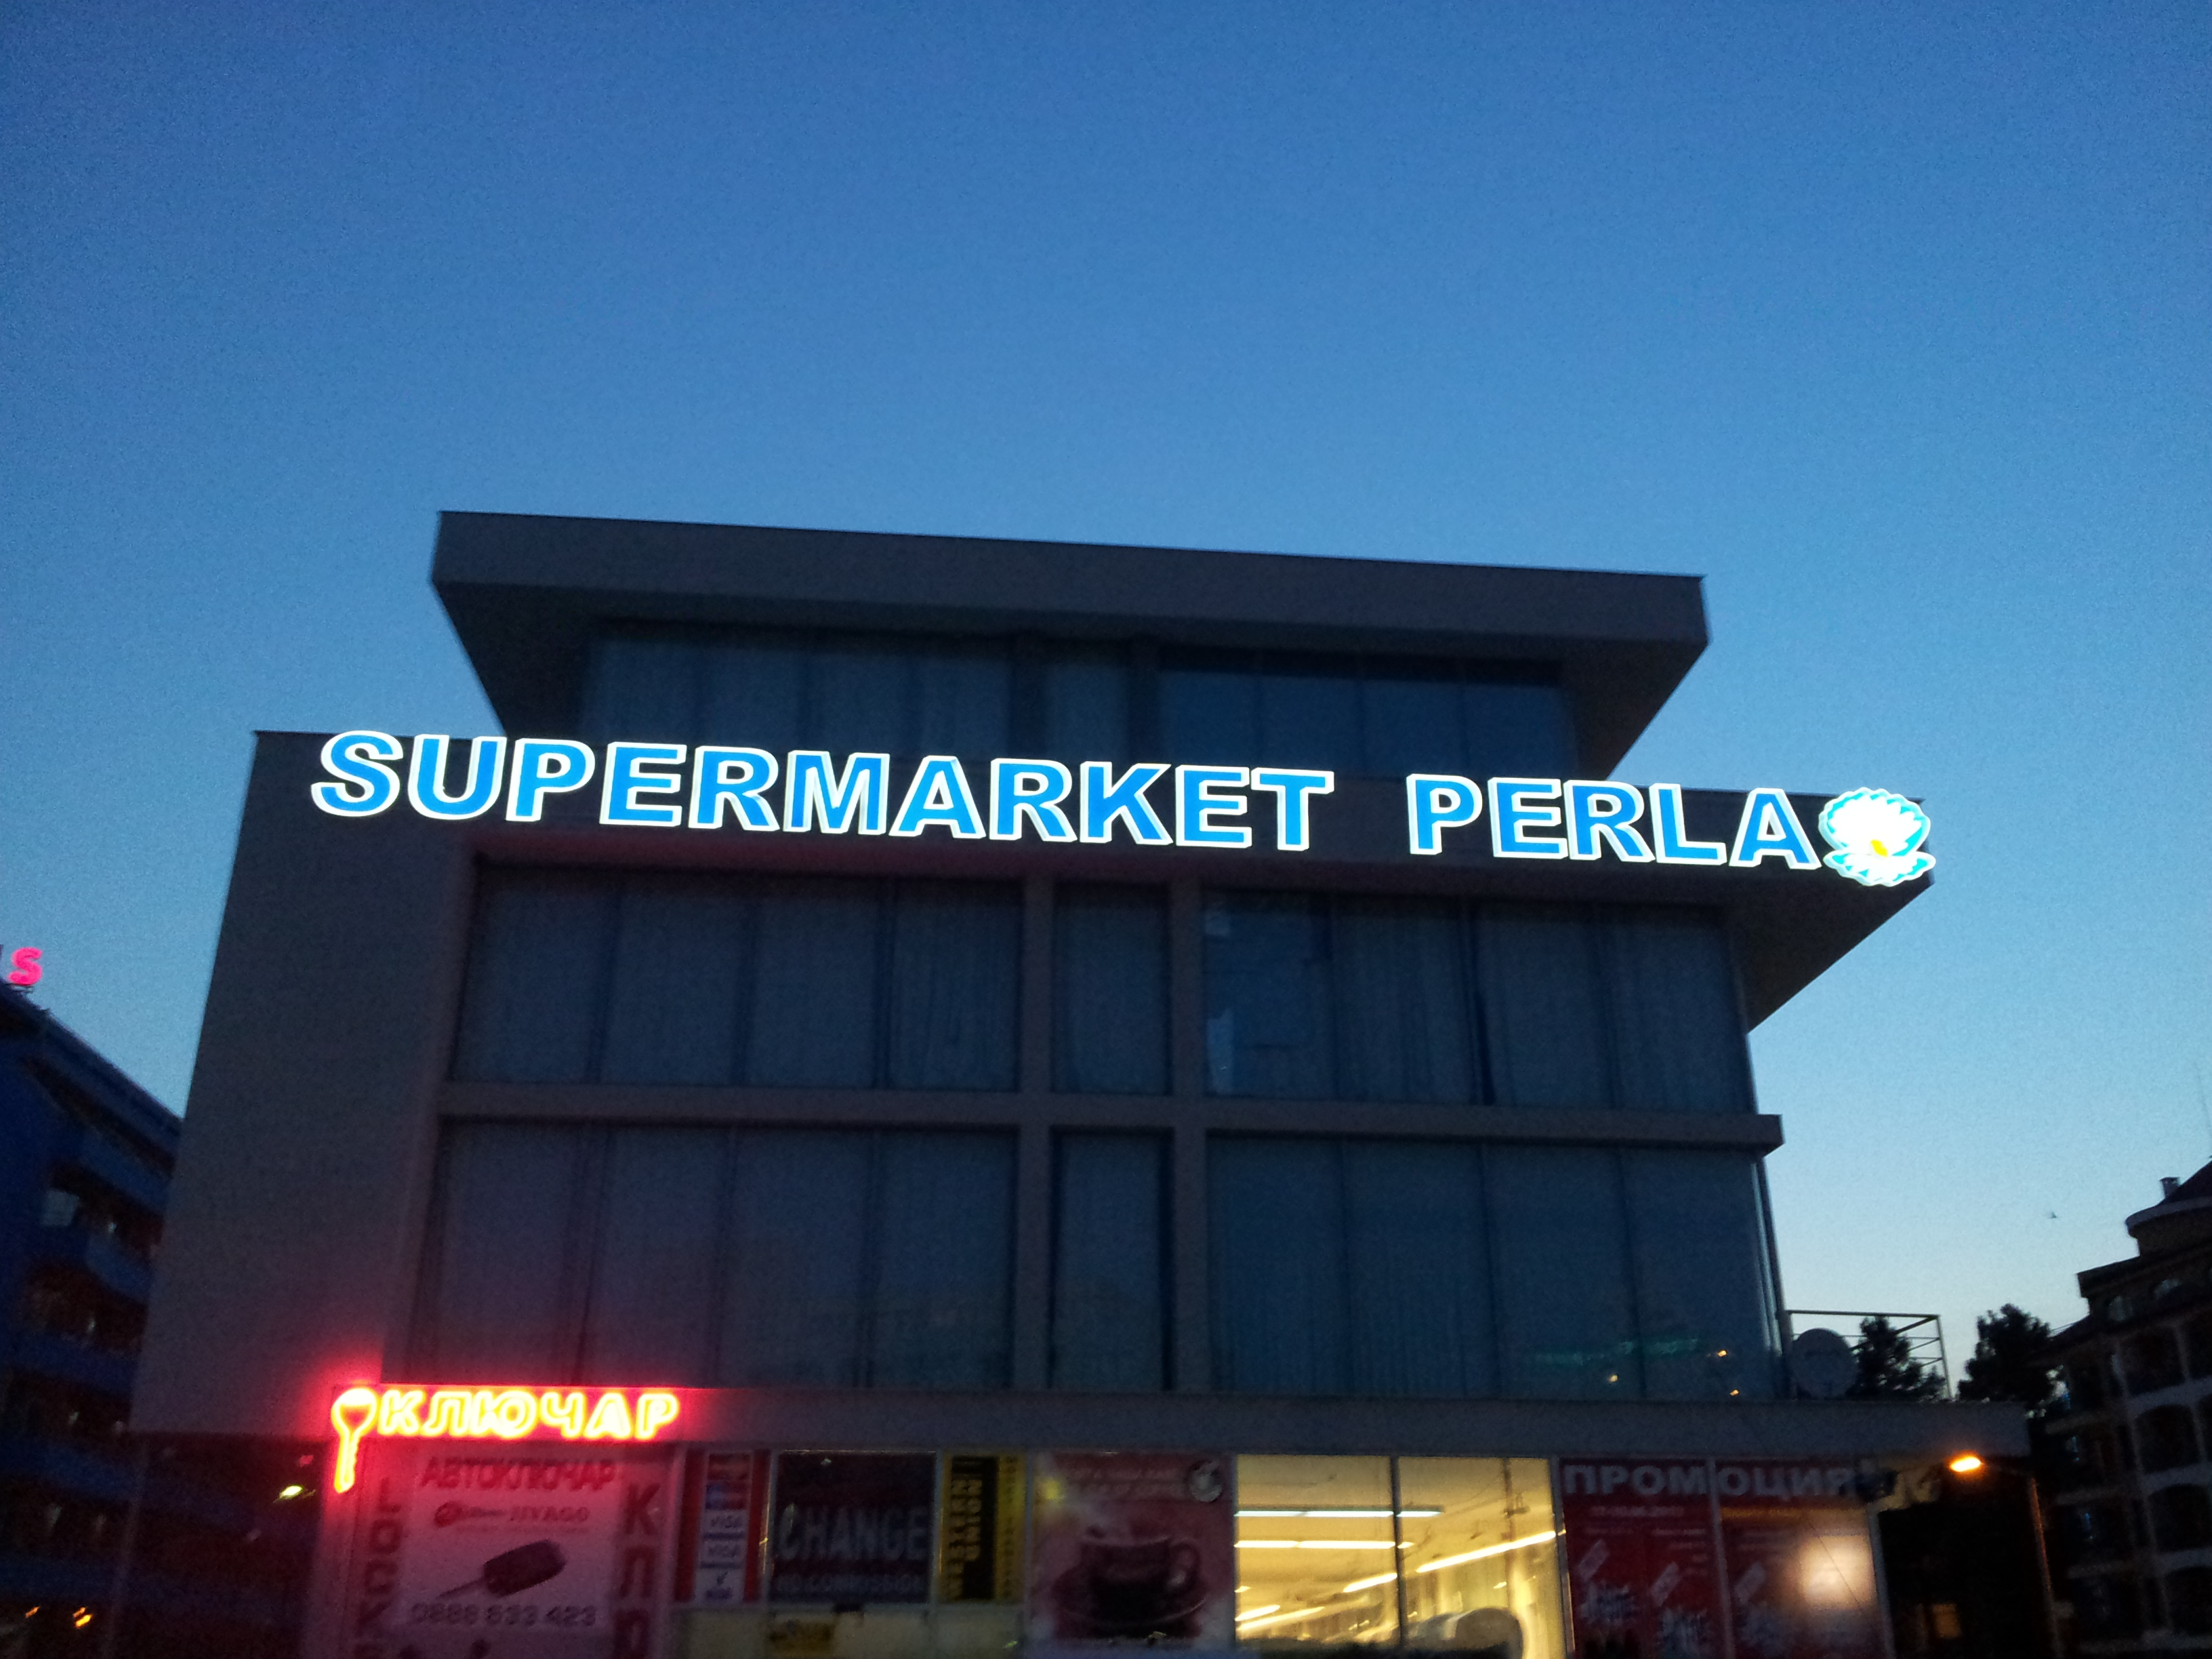 Светещо лого и обемен надпис SUPERMARKET